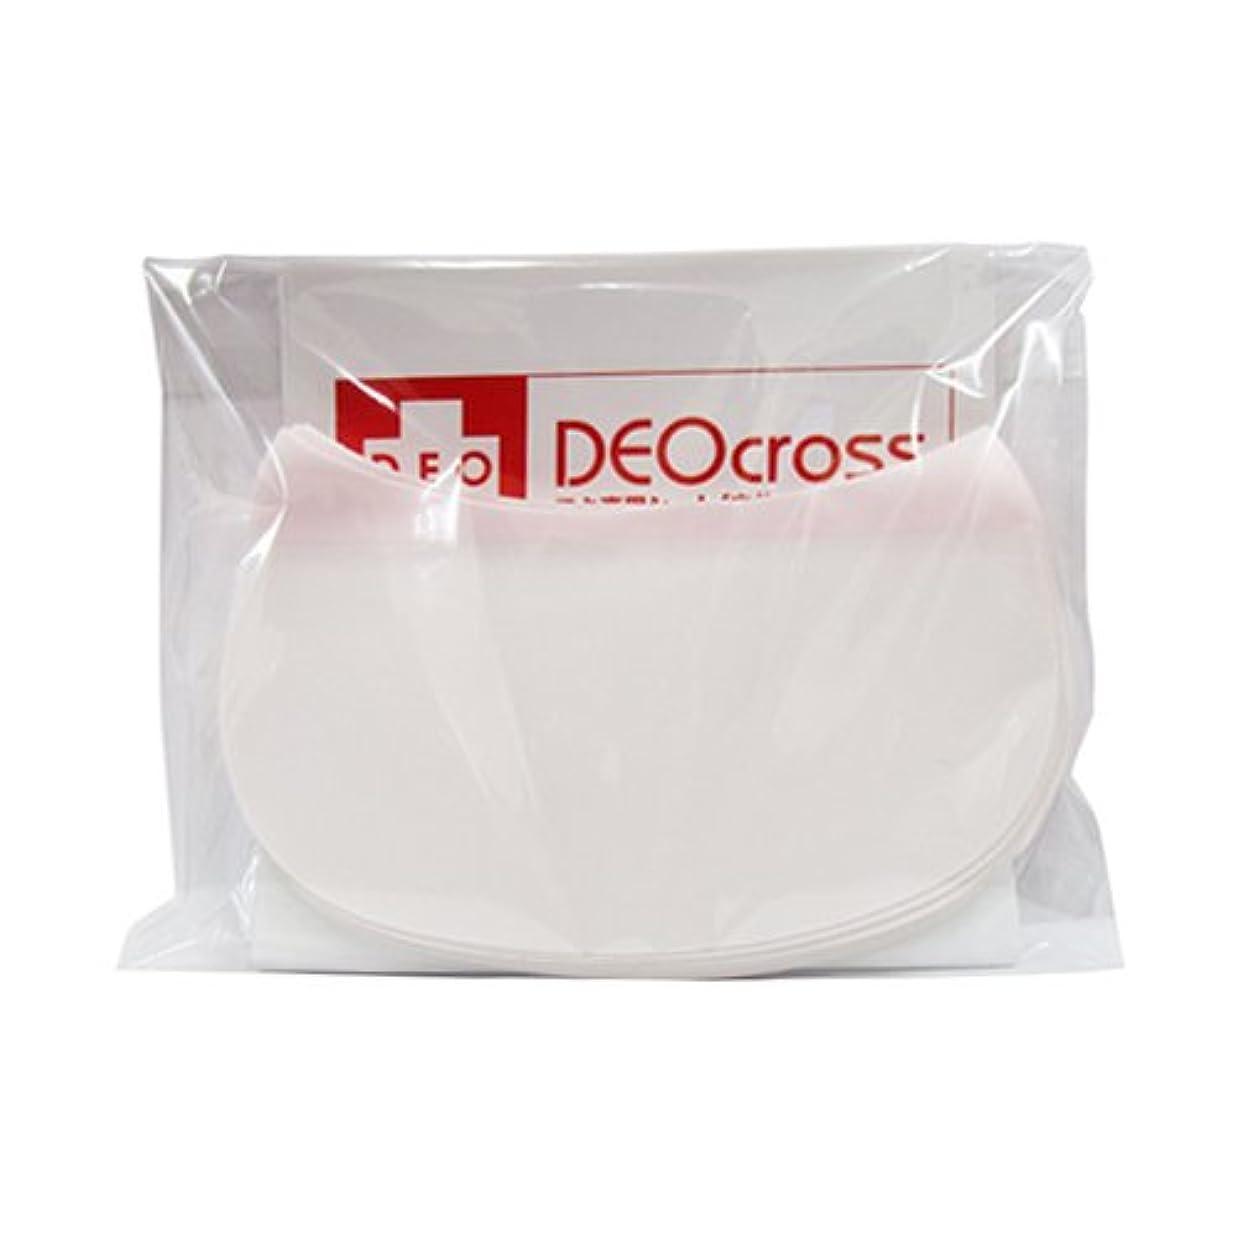 マルコポーロヘルパー情緒的デオクロス ワキ専用シート 立体ワイドタイプ 20枚入 (化粧箱なし)